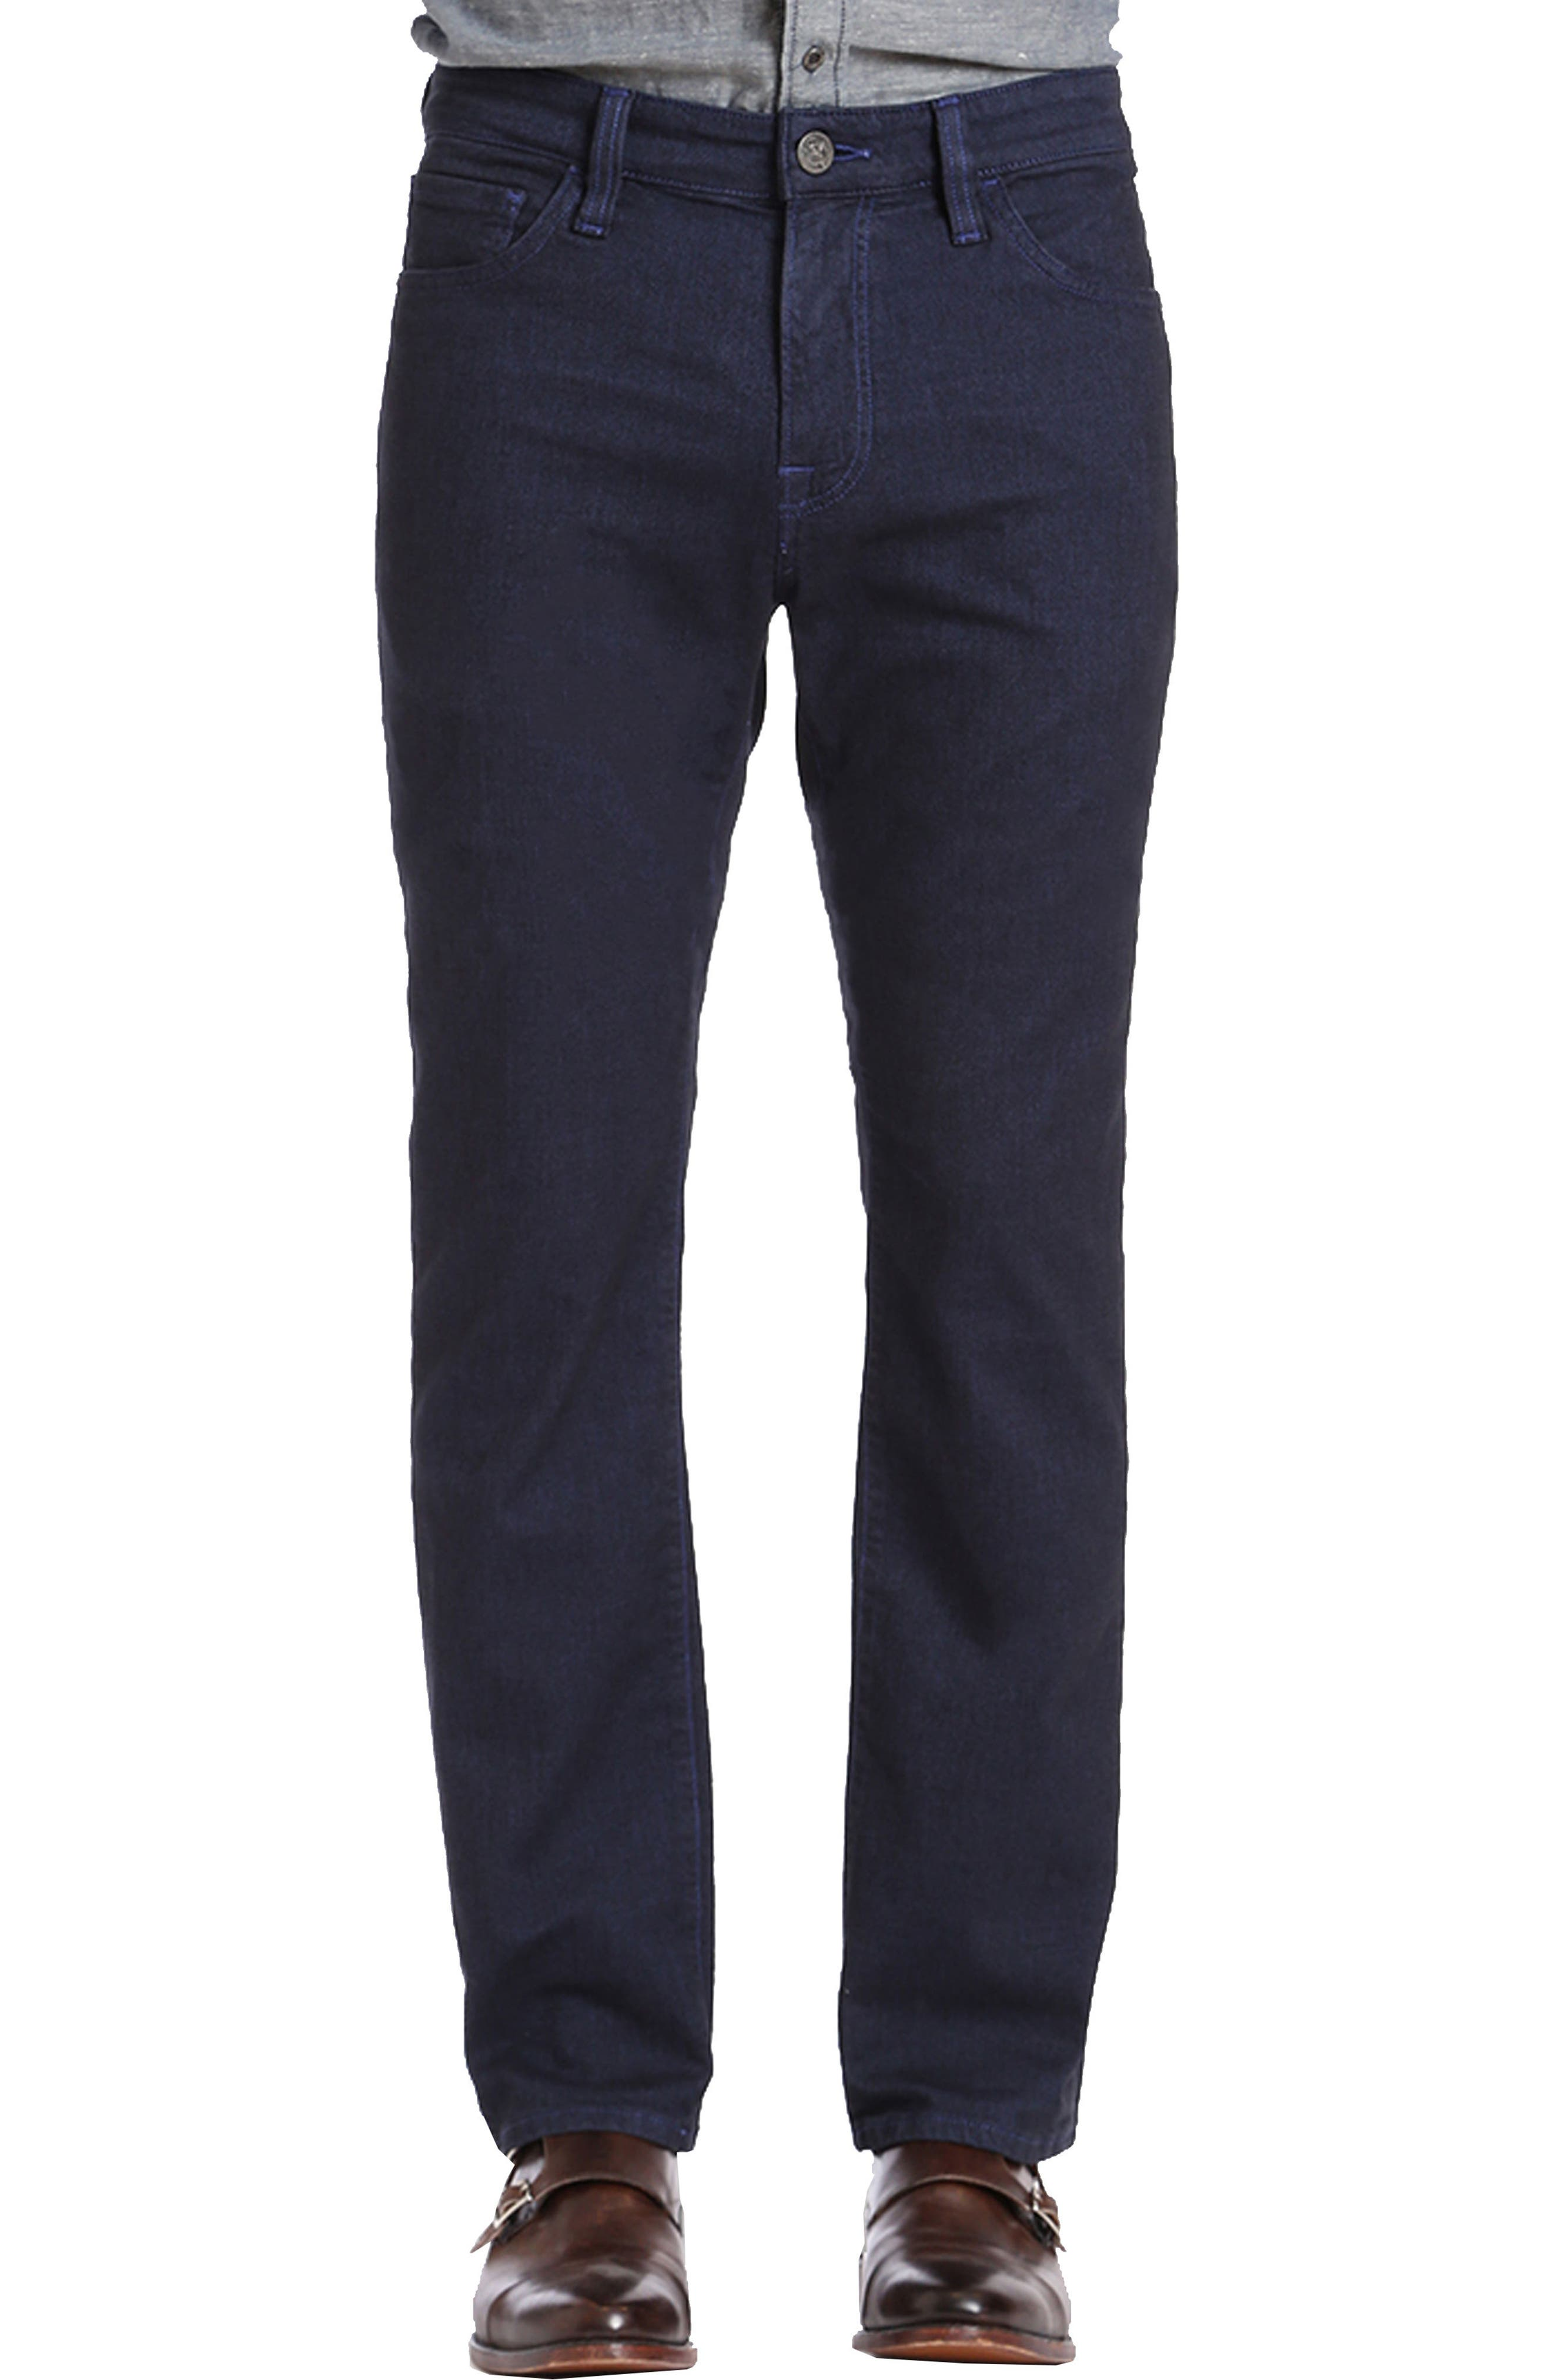 Main Image - 34 Heritage Courage Straight Leg Jeans (Indigo Brushed)